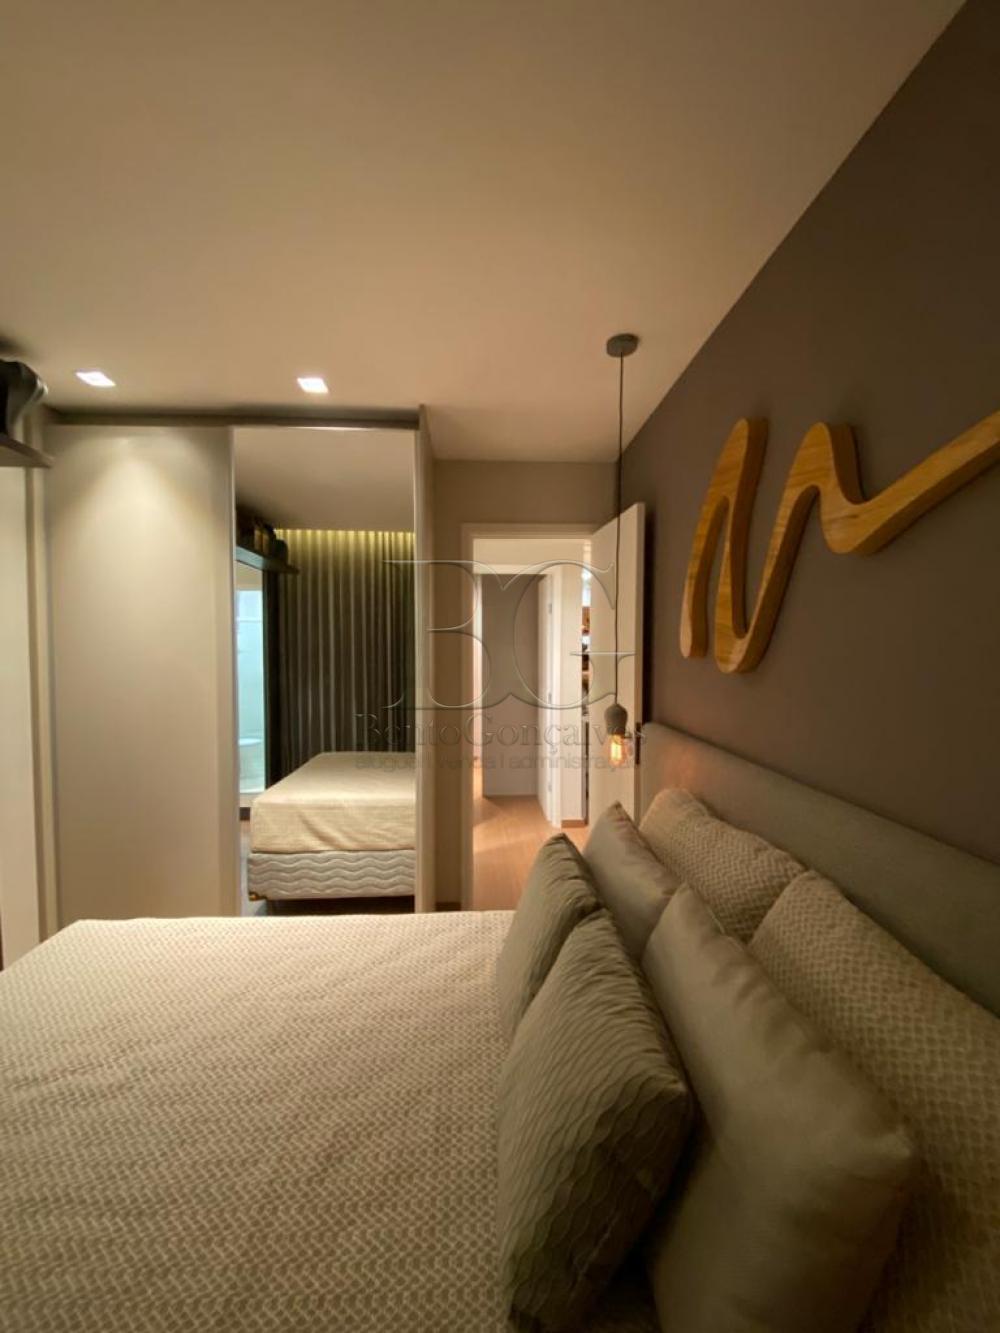 Comprar Apartamentos / Lançamento em Poços de Caldas apenas R$ 170.000,00 - Foto 7